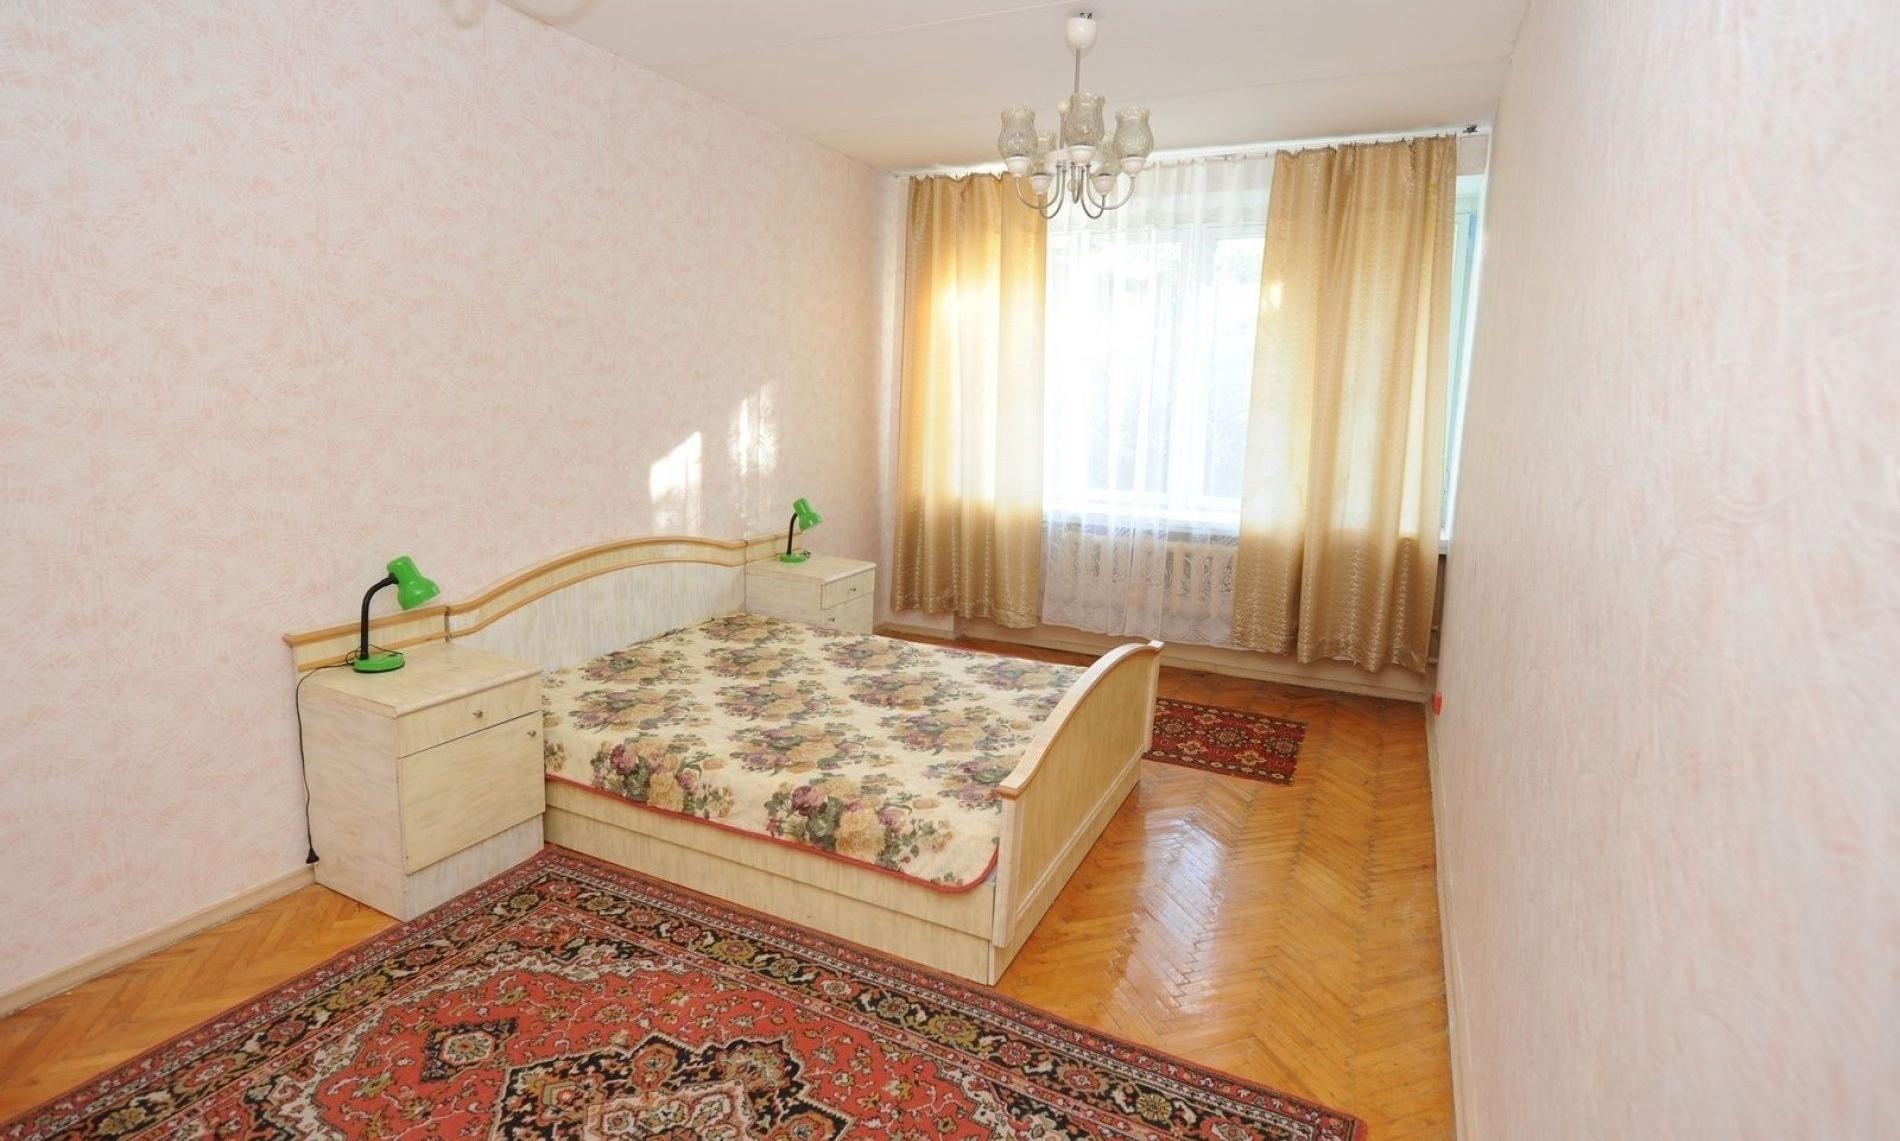 Дом отдыха «Компонент» Московская область Номер «Комфорт» 2-местный (корпус №1,2), фото 2